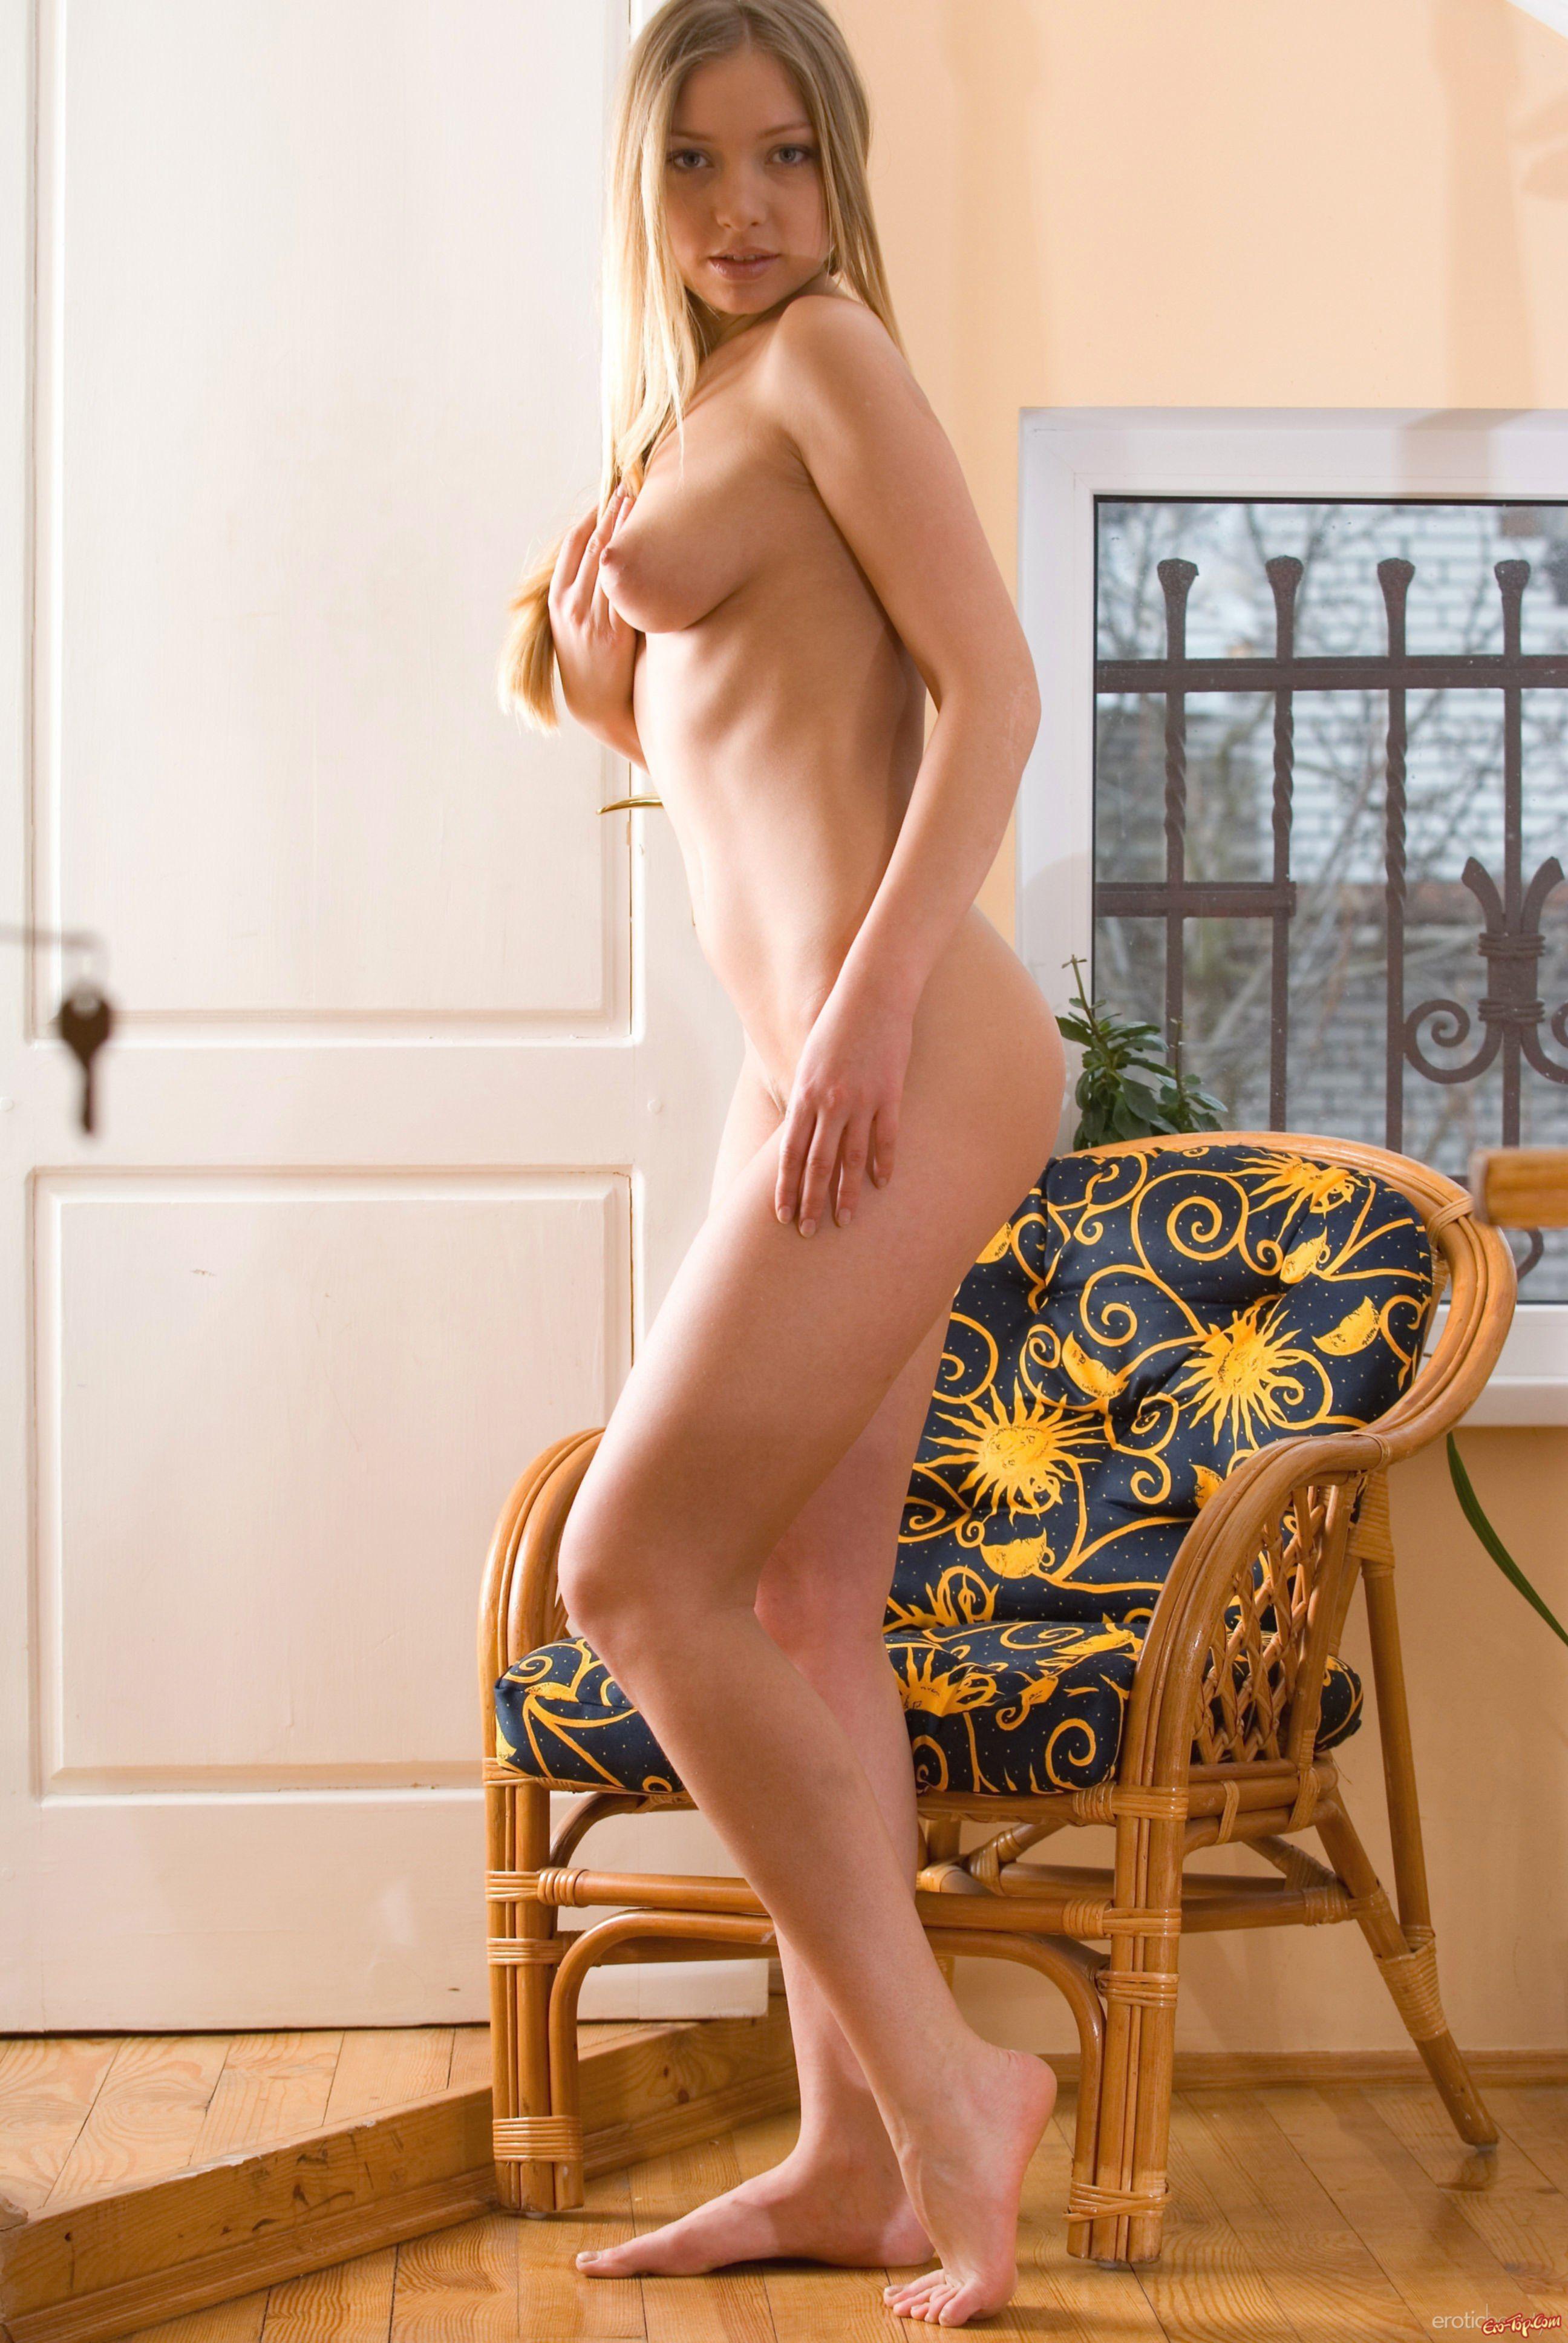 Соблазнительная голая блондинка - фото эротика.